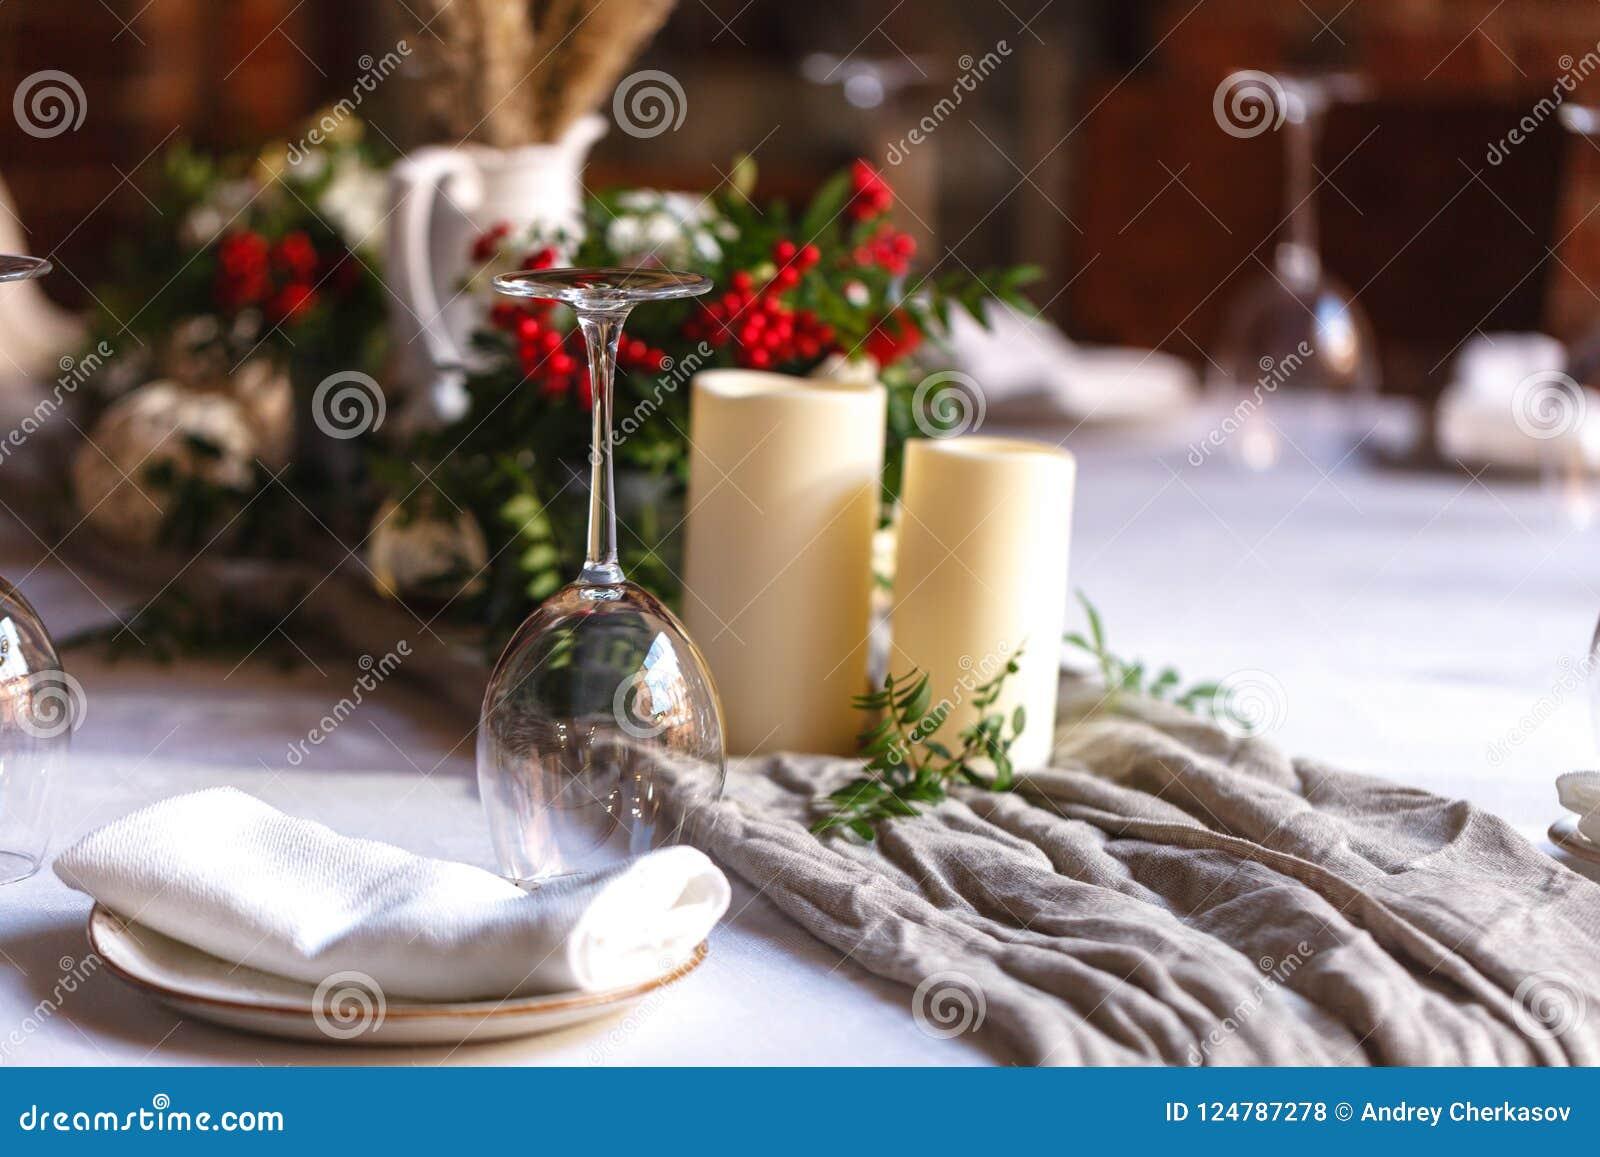 Sköta om service för bröllophändelseplatta